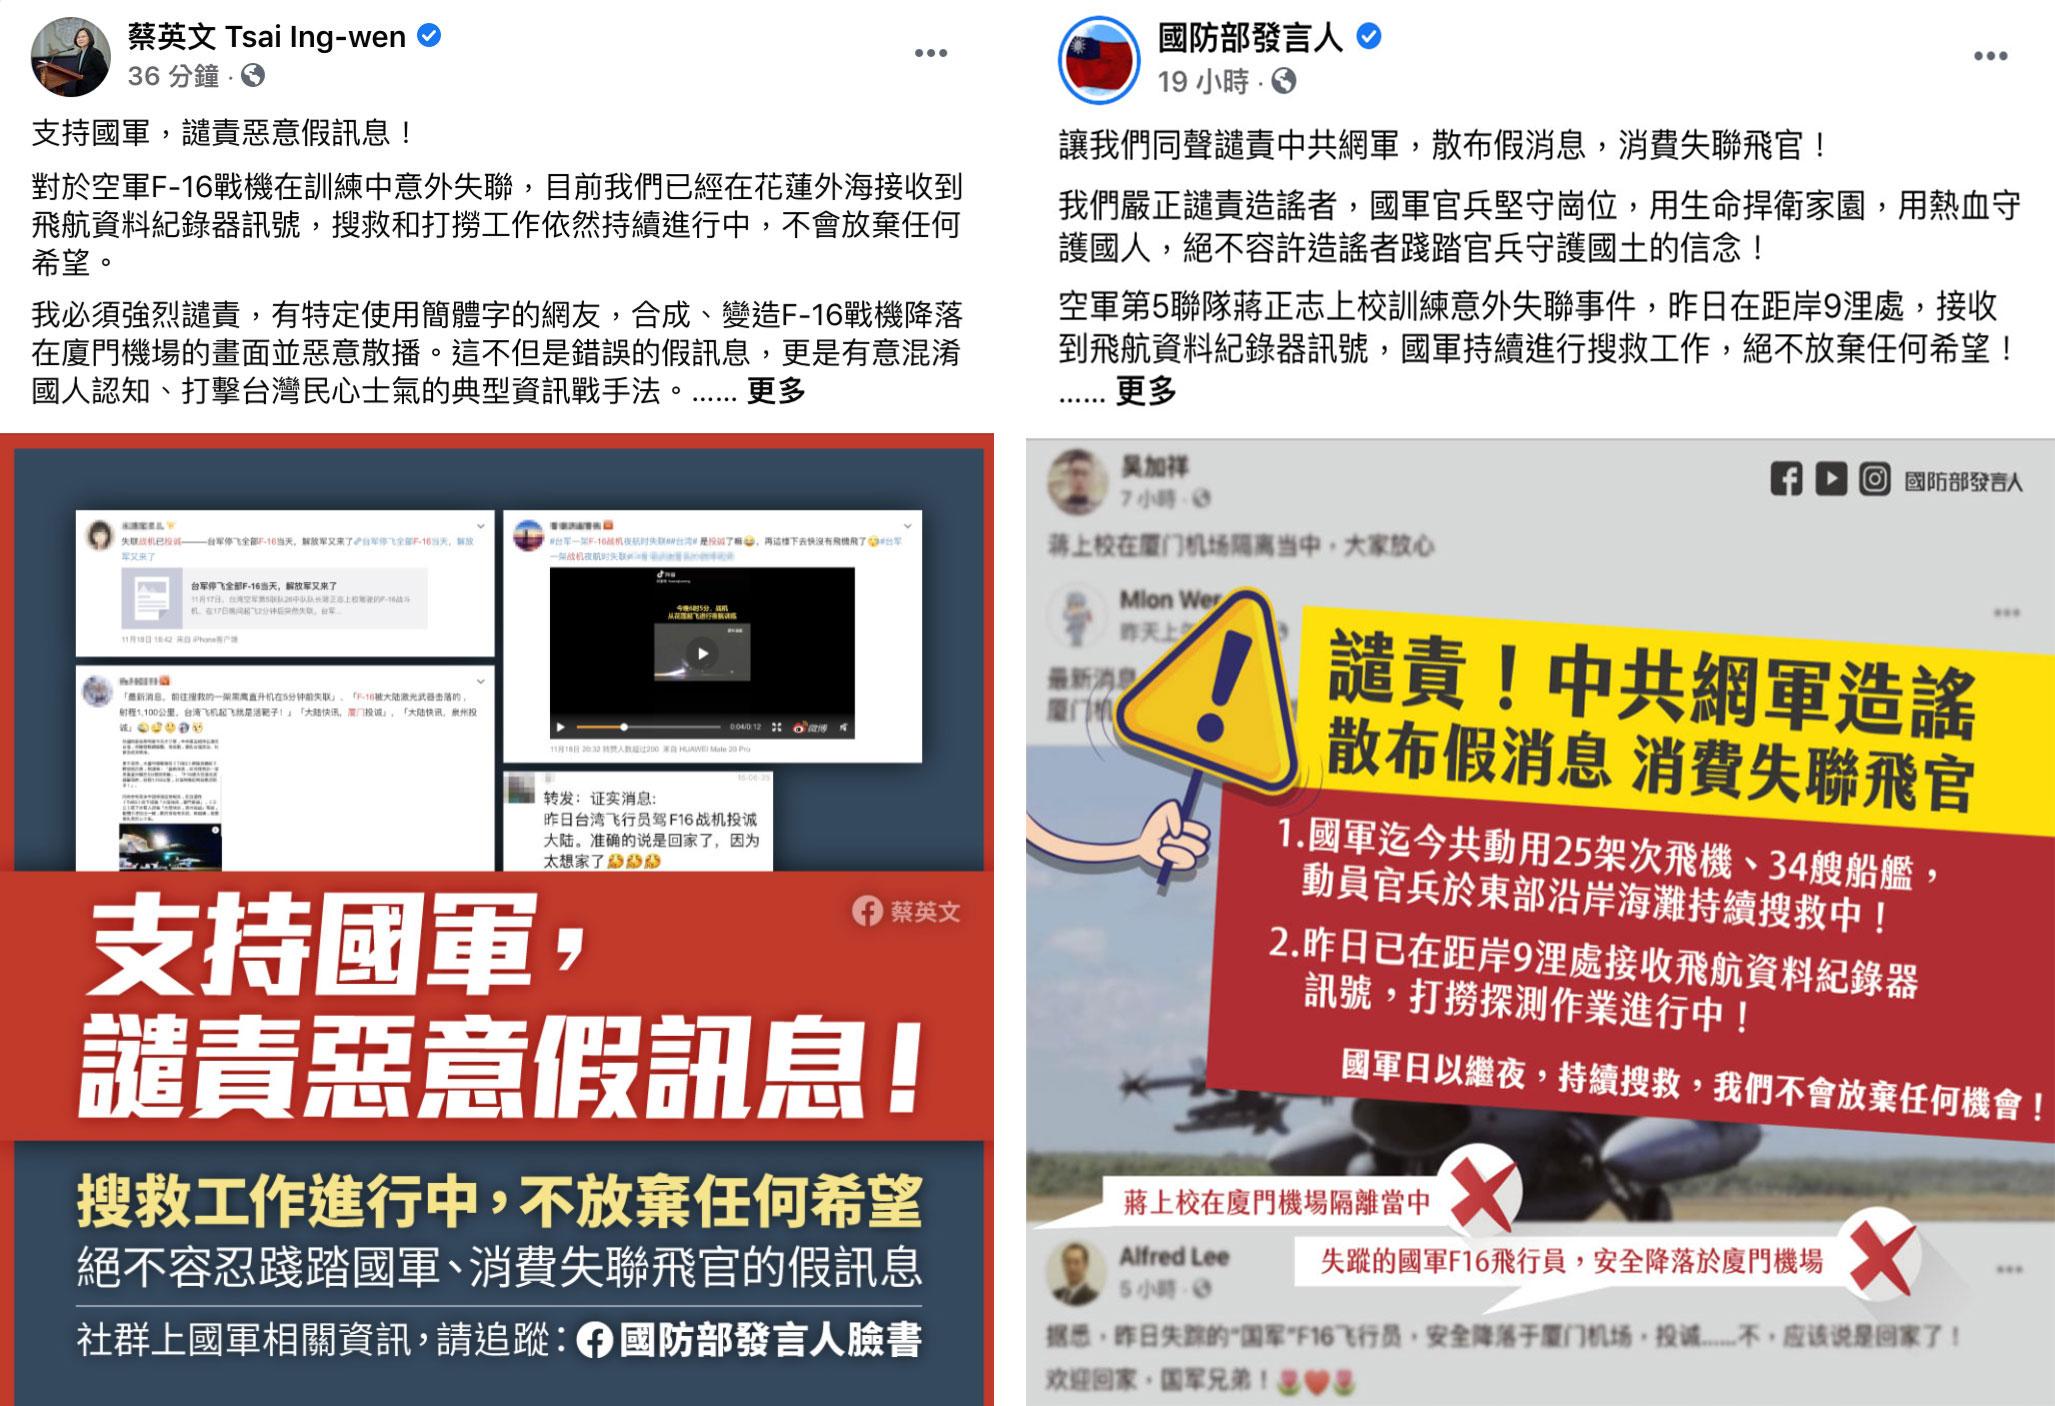 """左图:蔡英文脸书谴责中国网军恶意散播不实假新闻,谎称台湾F-16飞官""""投共""""。(蔡英文脸书);  右图:台湾国防部脸书谴责,中国网军恶意散播不实假新闻,谎称台湾F-16飞官""""投共""""。(蔡英文脸书)"""